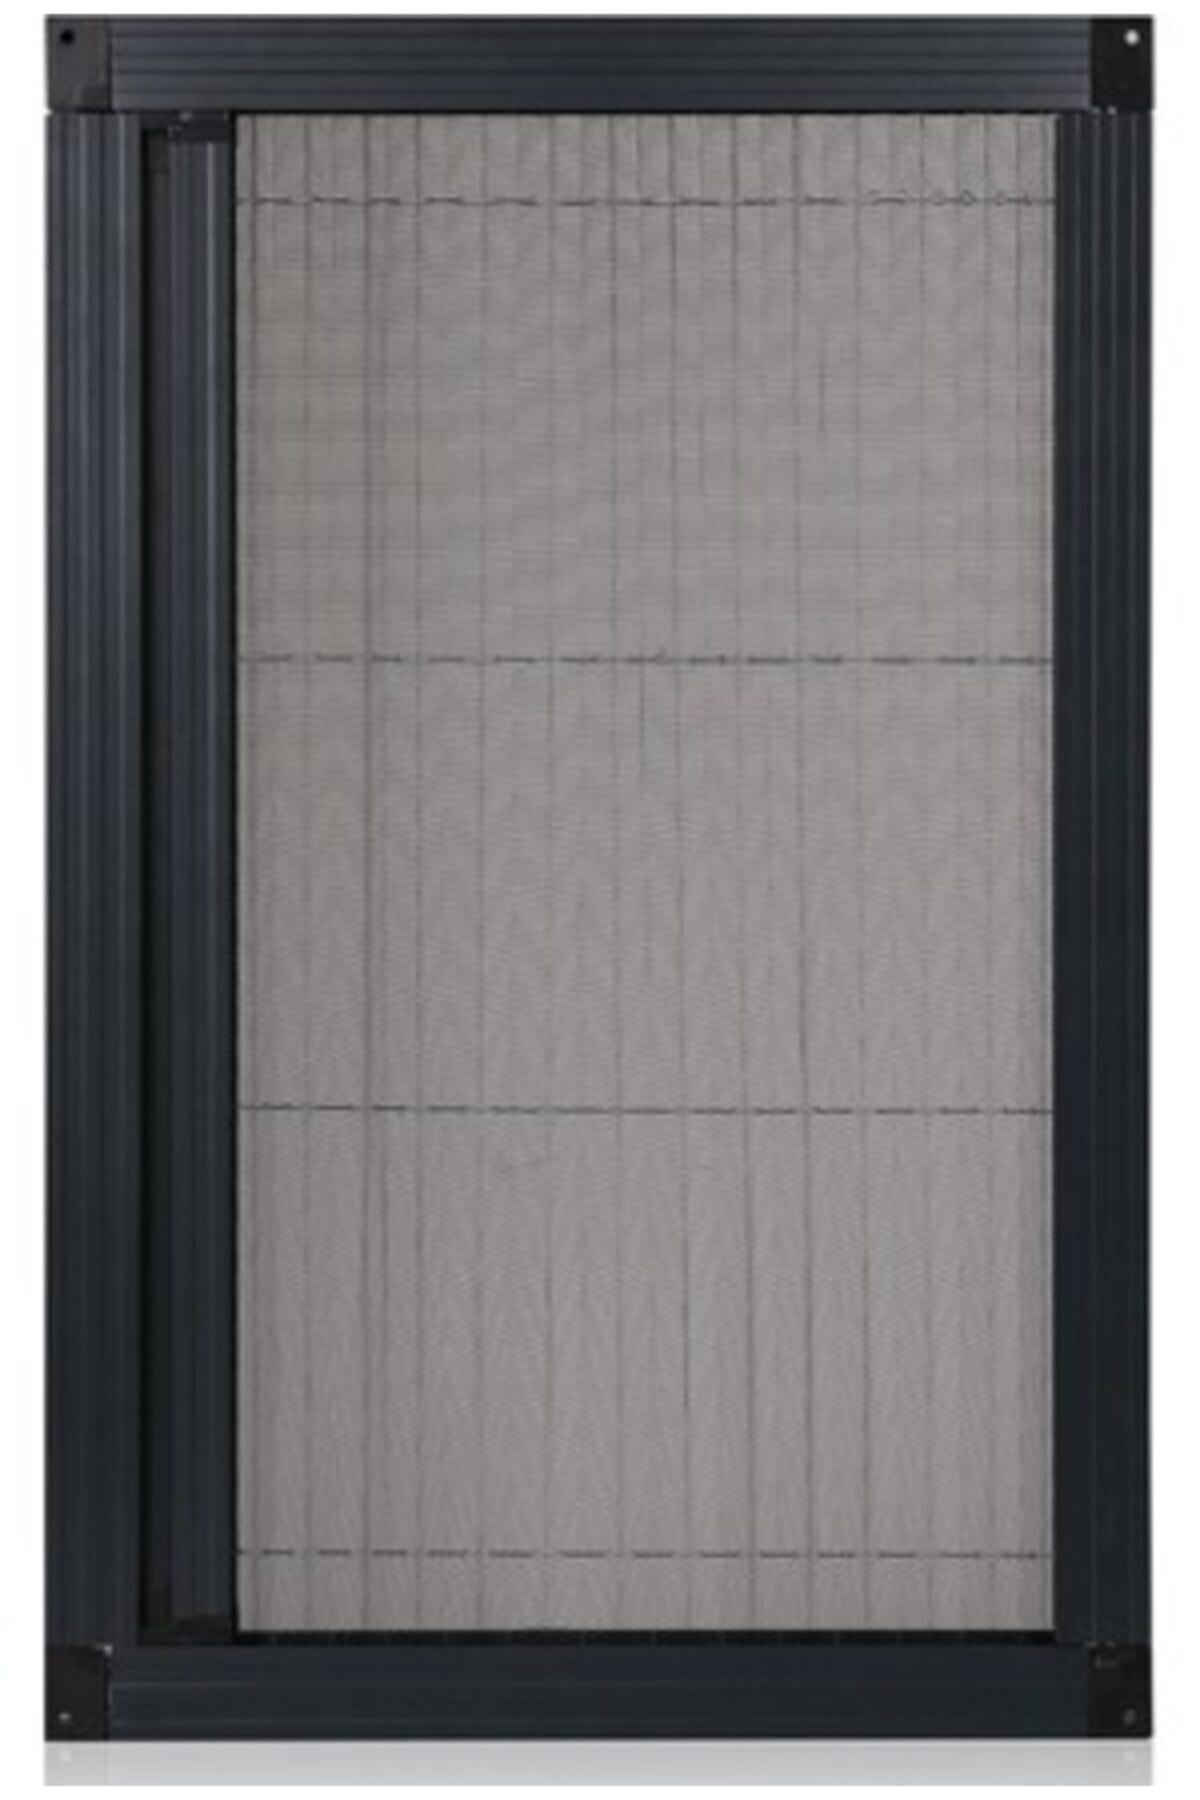 Antrasit Siyah Plise Sineklik Akordiyon Sürgülü Pileli Sineklik Kapı Ve Pencere 40-60x40-60